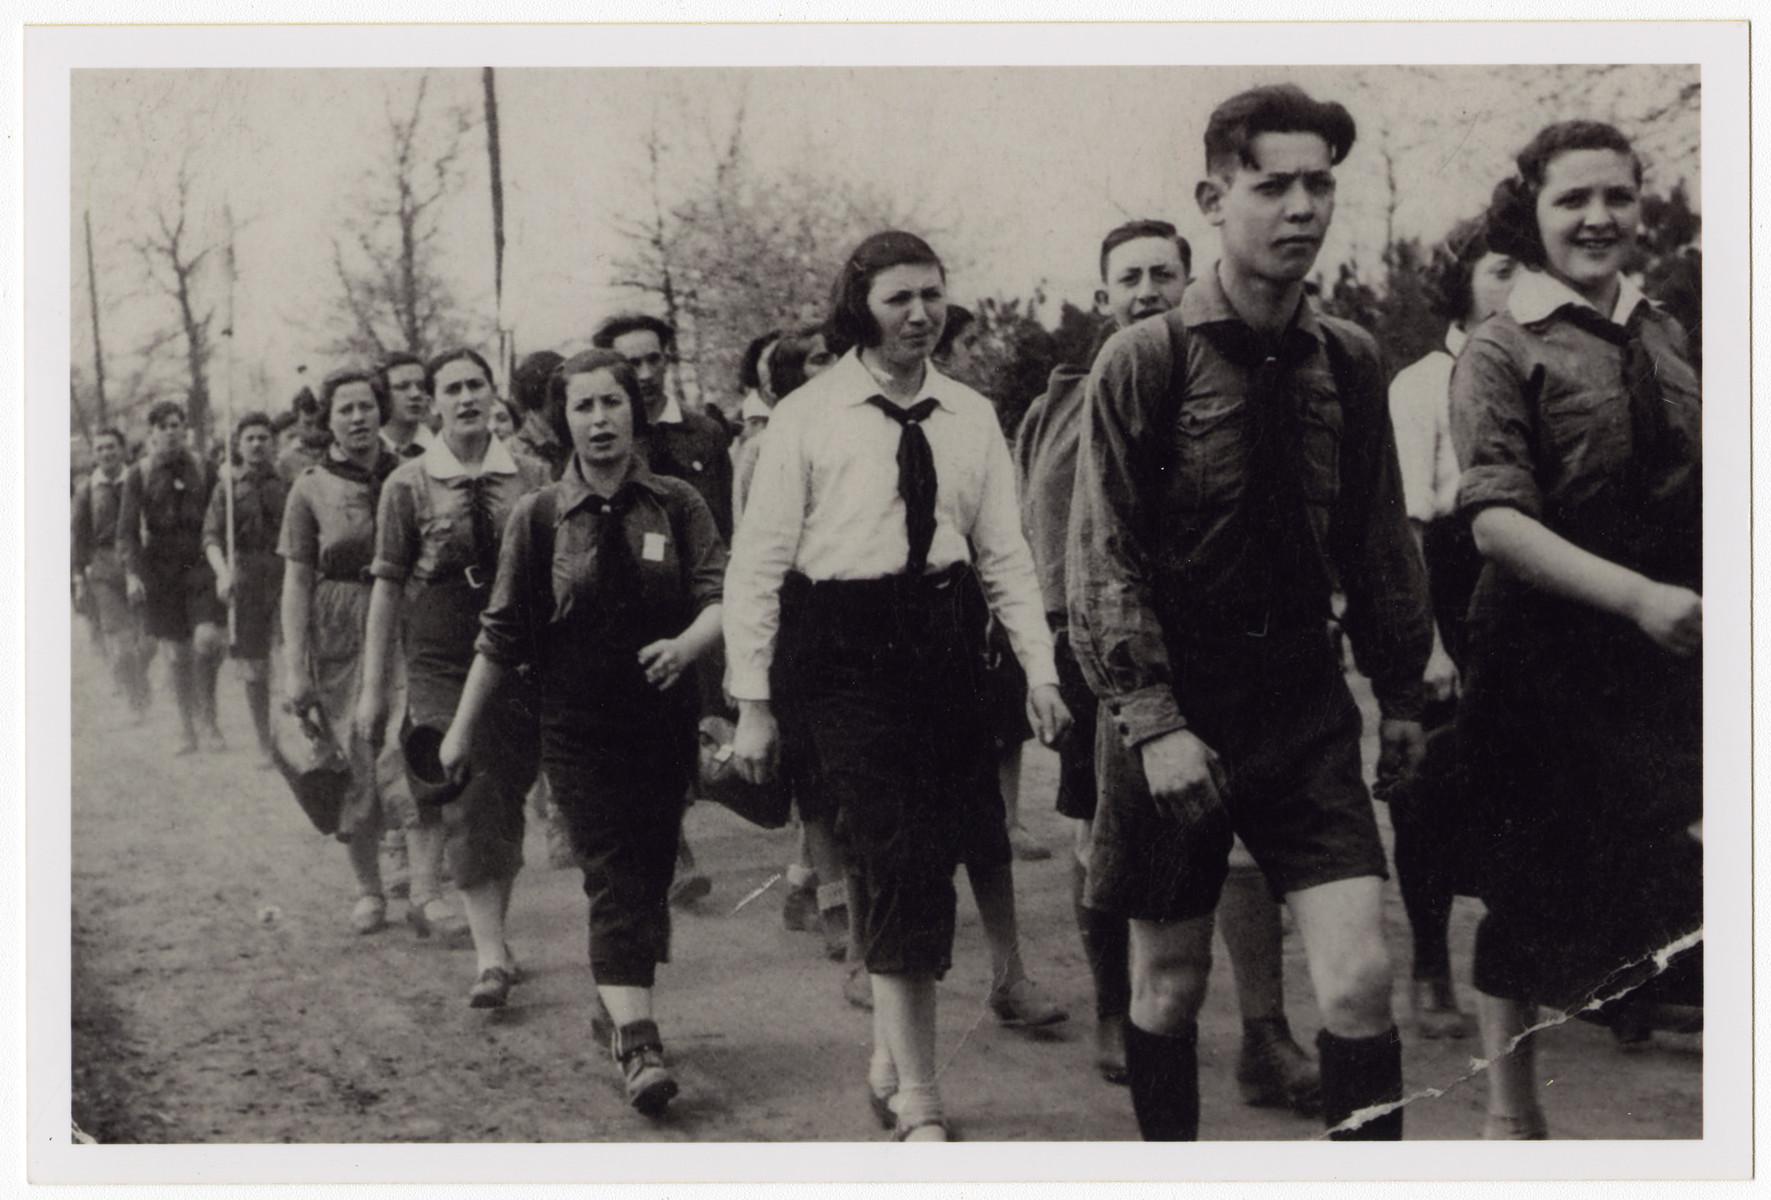 Members of Hashomer Hadati march down a path in or near Dabrowa.